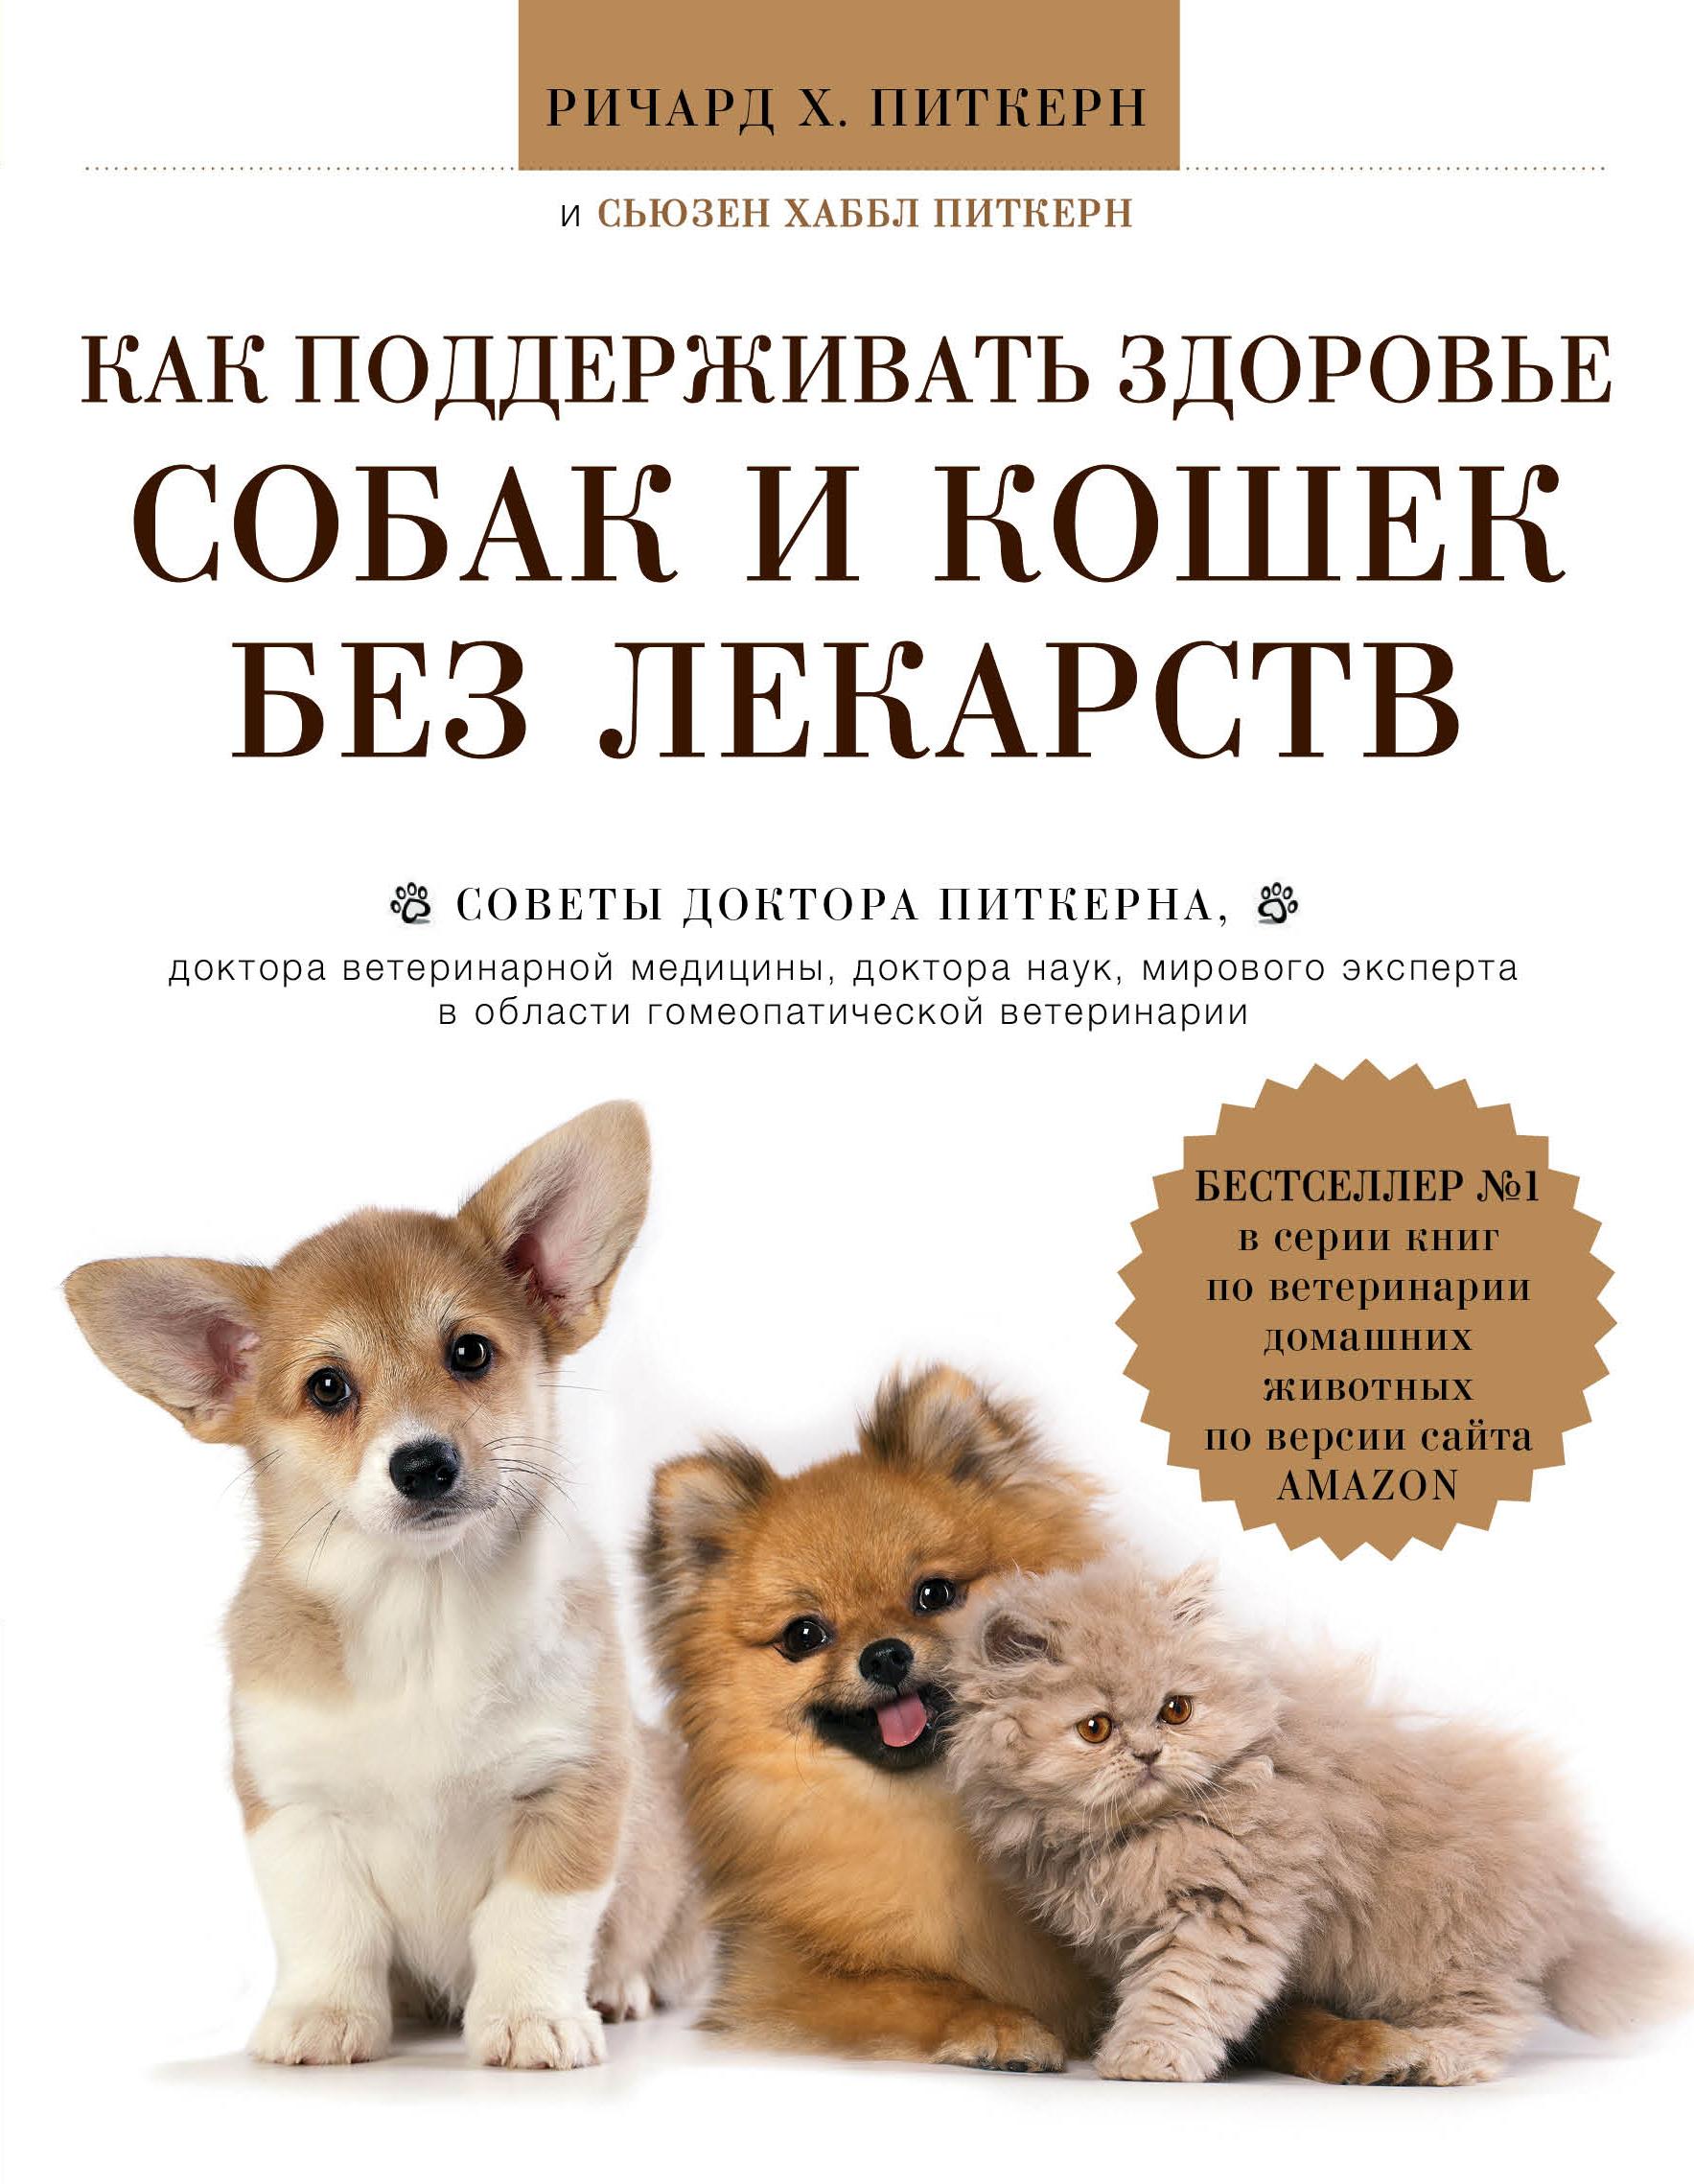 Как поддерживать здоровье собак и кошек без лекарств